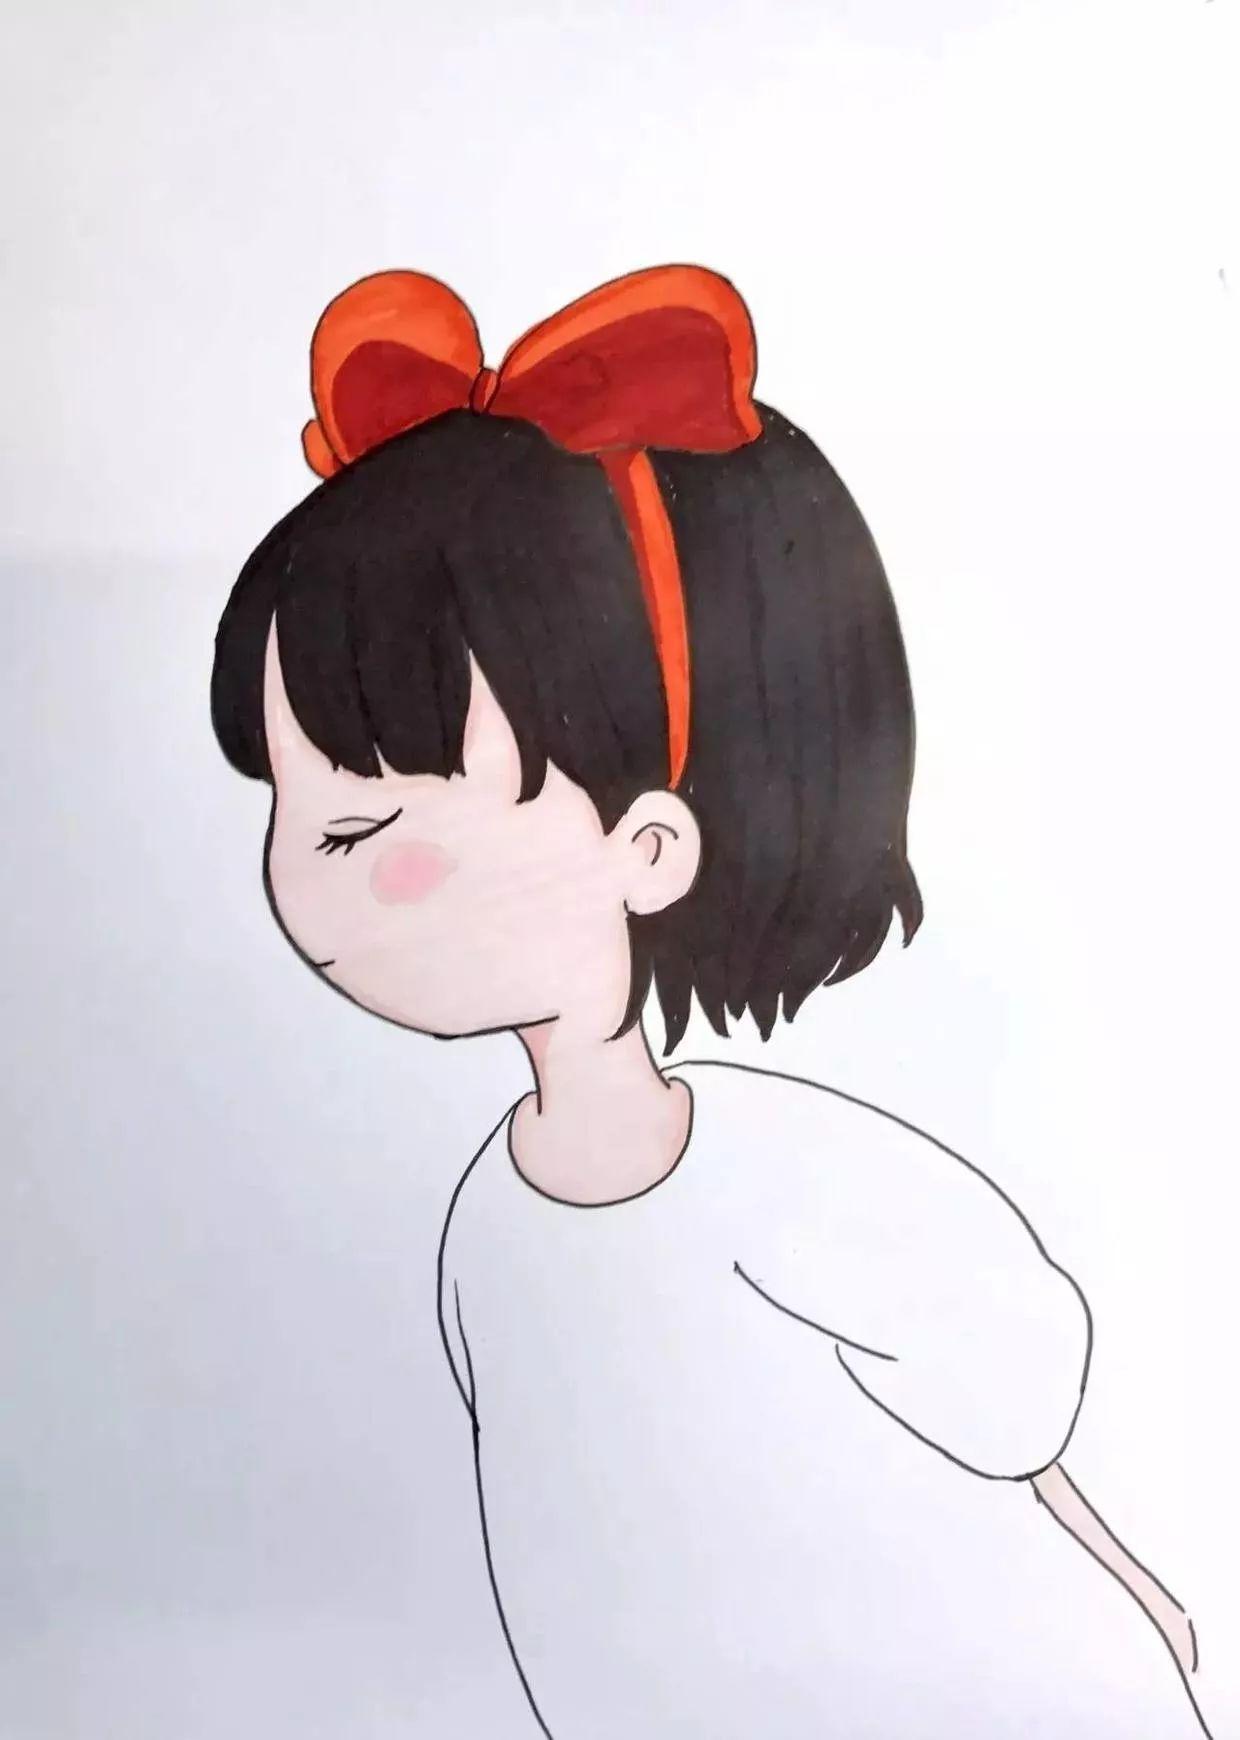 马克笔教程   宫崎骏王国——《魔女宅急便》琪琪(超详细零基础马克笔